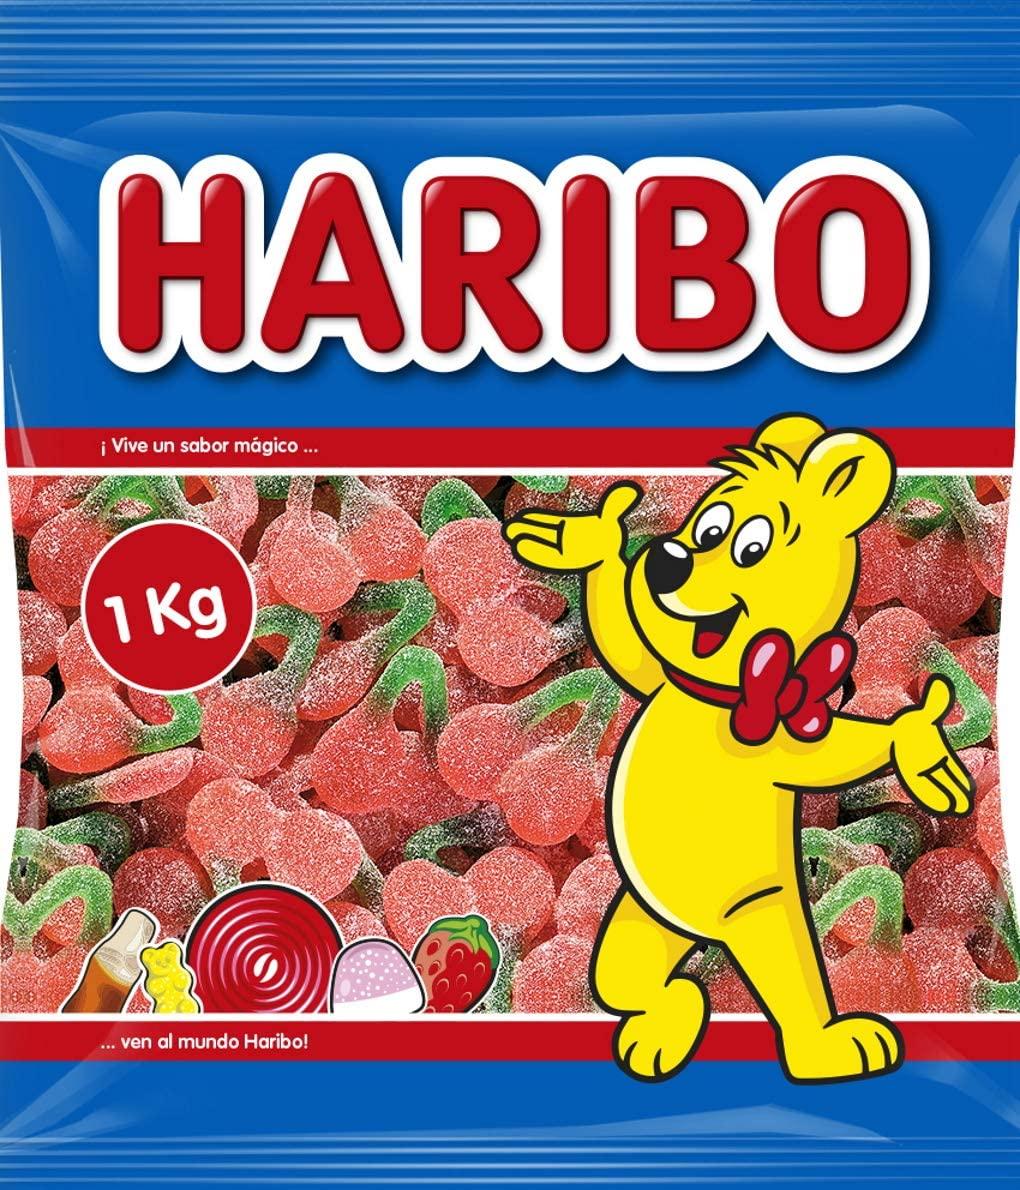 1Kg Haribo Cerezas con azúcar